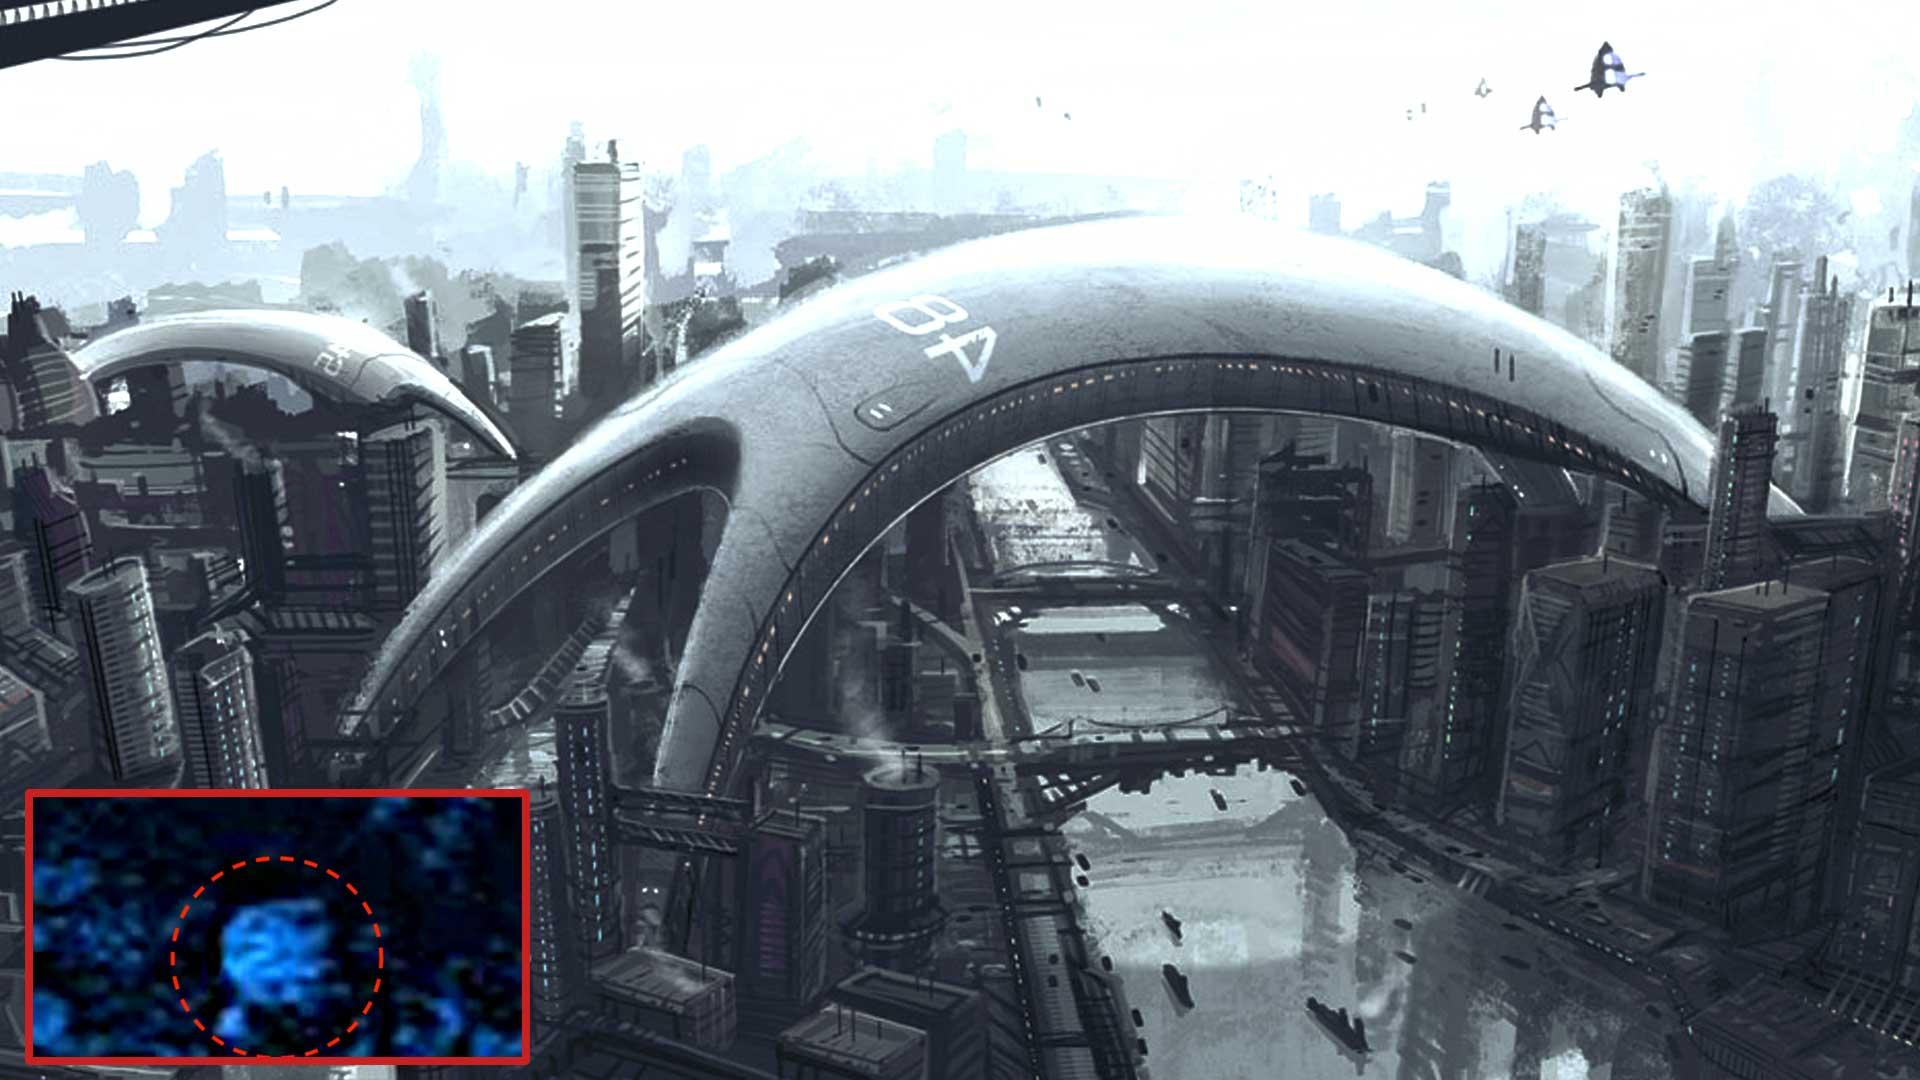 Aseguran haber encontrado una ciudad alienígena en la Luna de Saturno